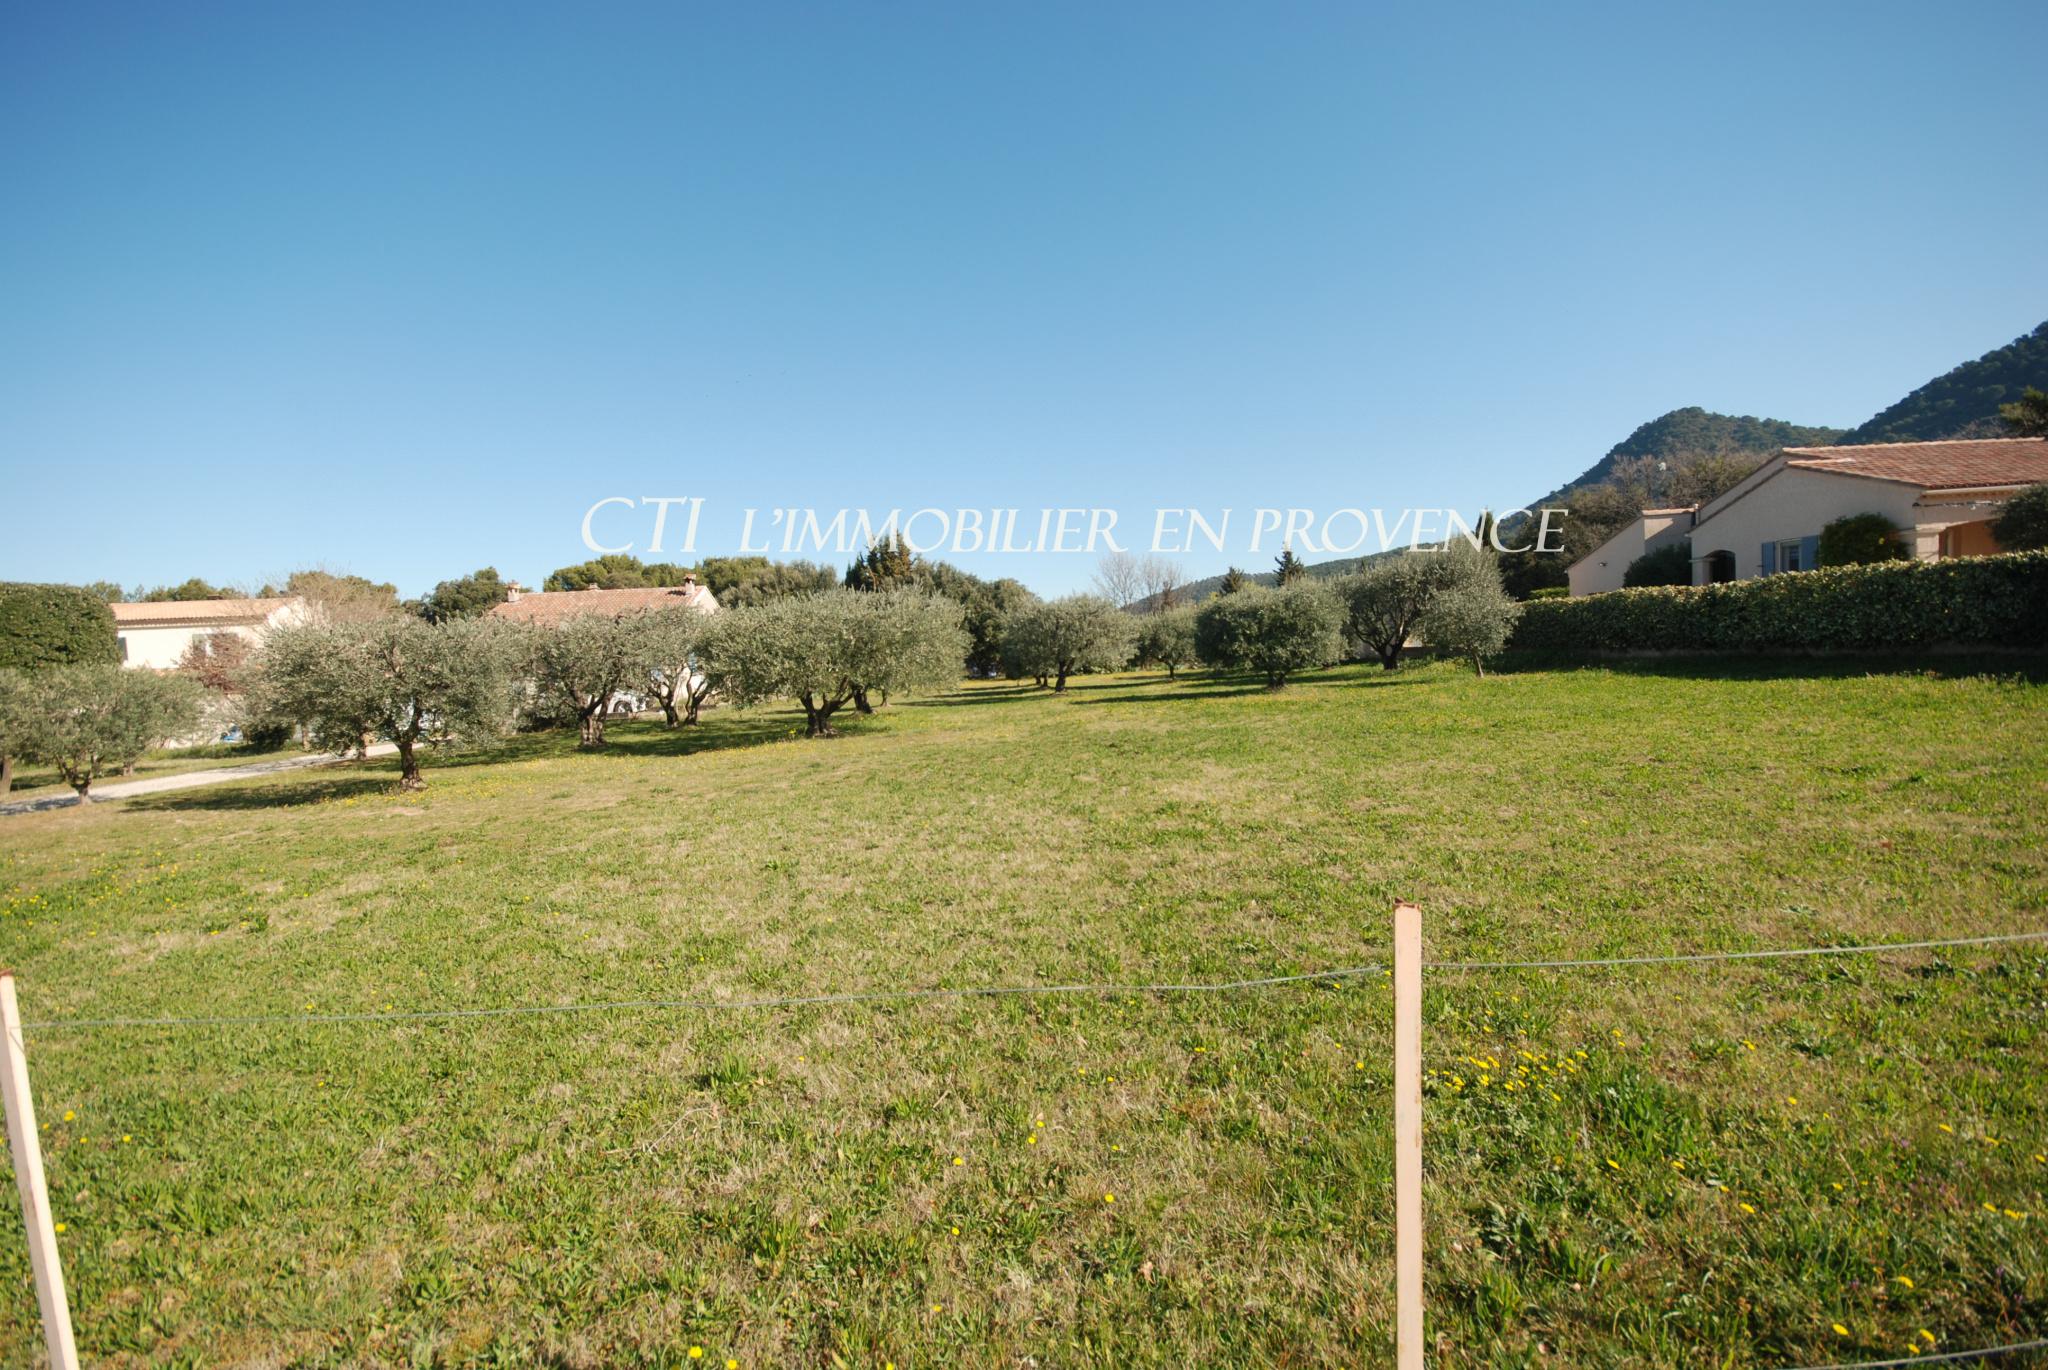 0 www.cti-provence.net vente terrain constructible séguret planté en vieux oliviers, plat